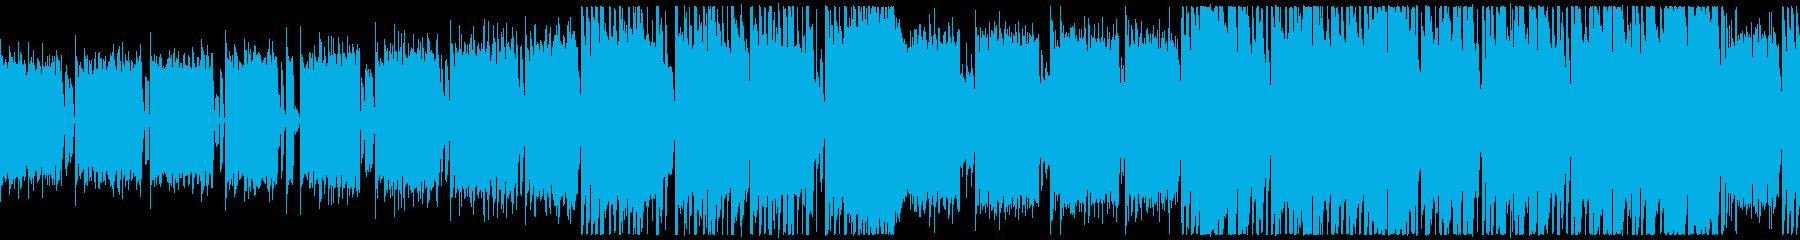 レトロ系ゲーム、オープニング、ループ仕様の再生済みの波形